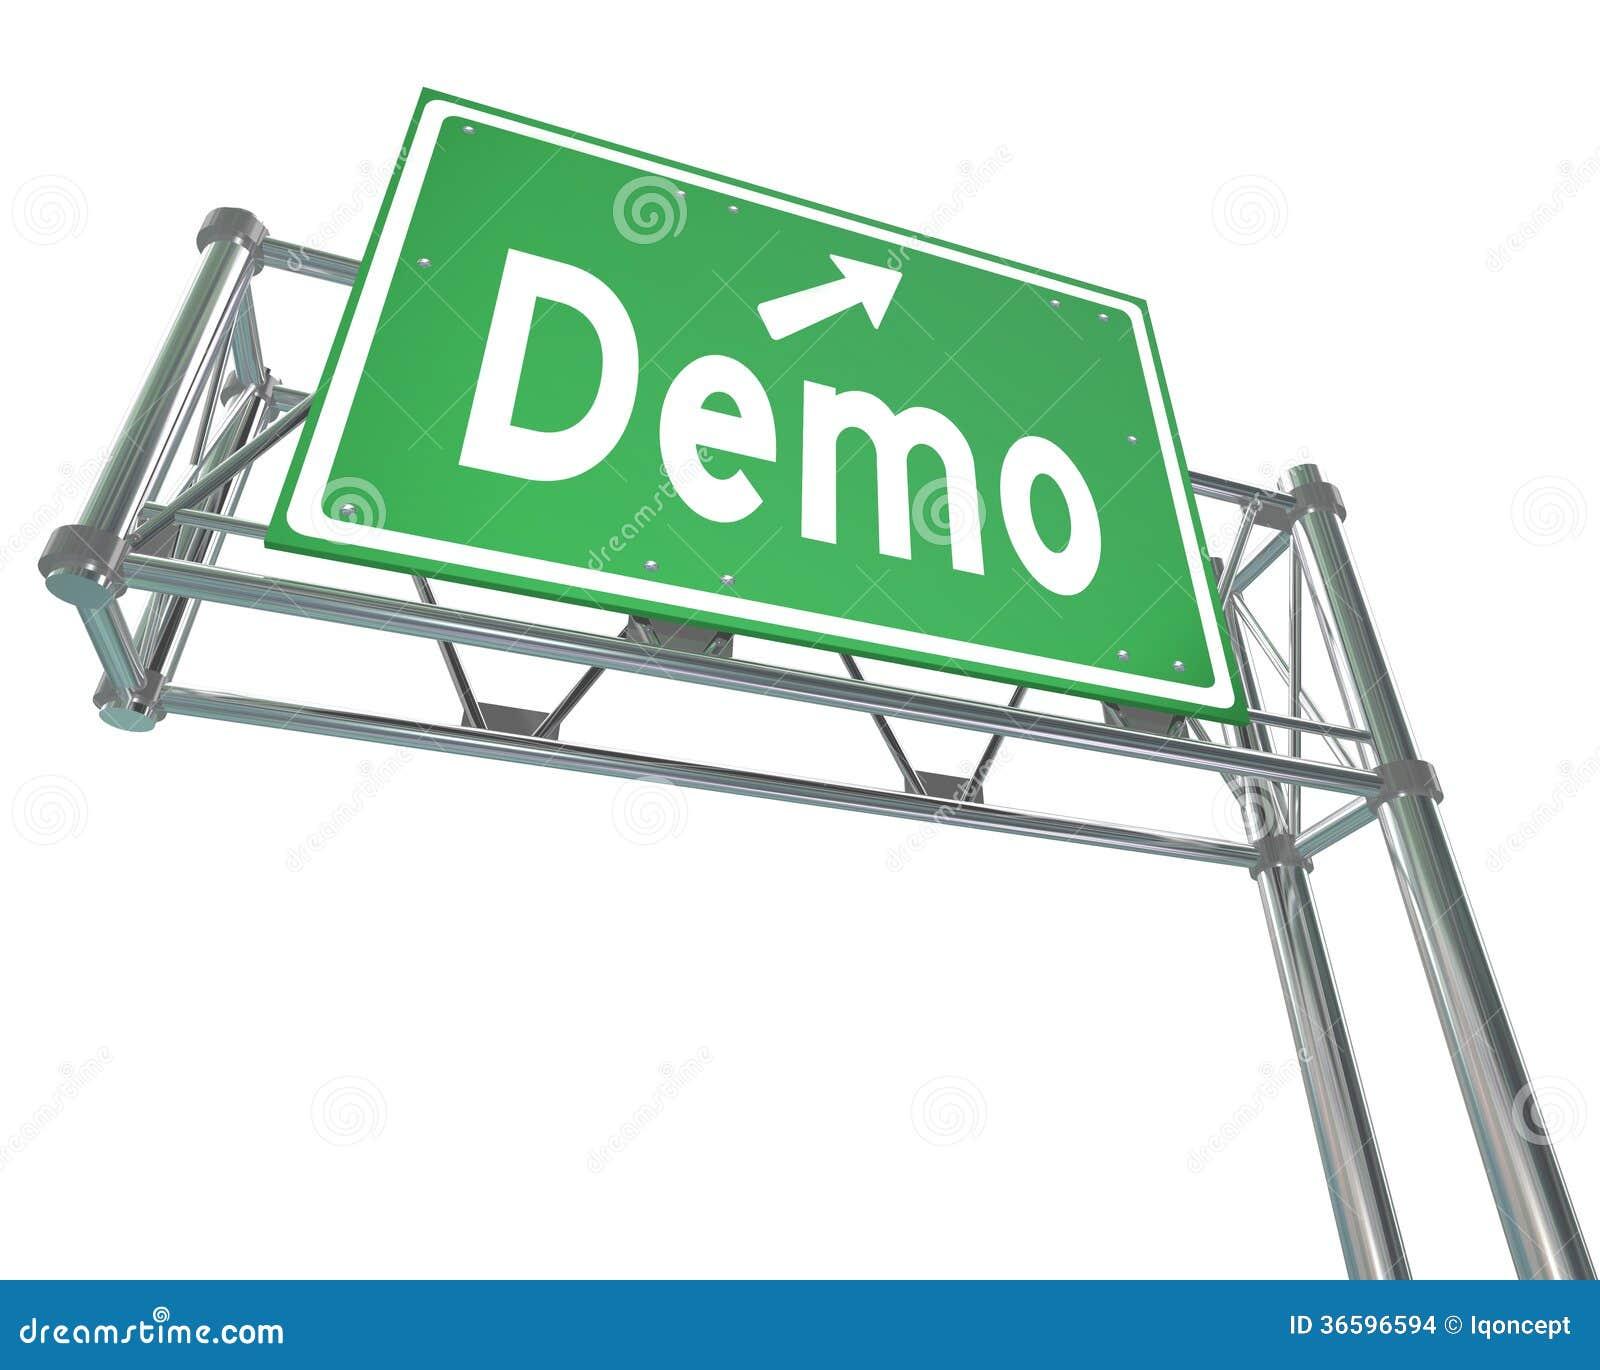 Ensayo libre de la demostración del producto de Demo Word Green Freeway Sign